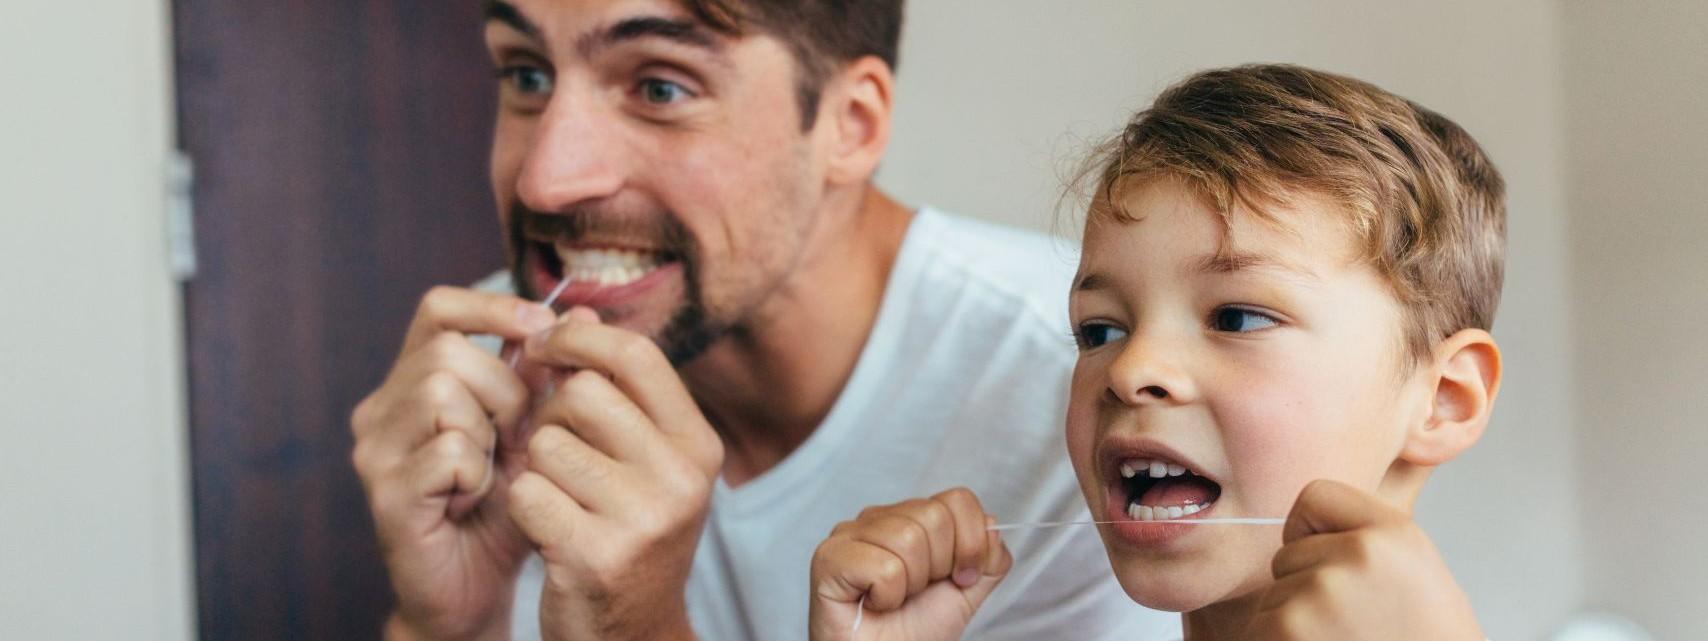 Ein etwa 6 jähriger Junge steht mit seinem Vater im Badezimmer. Beide pflegen mit Zahnseide ihre Zähne.